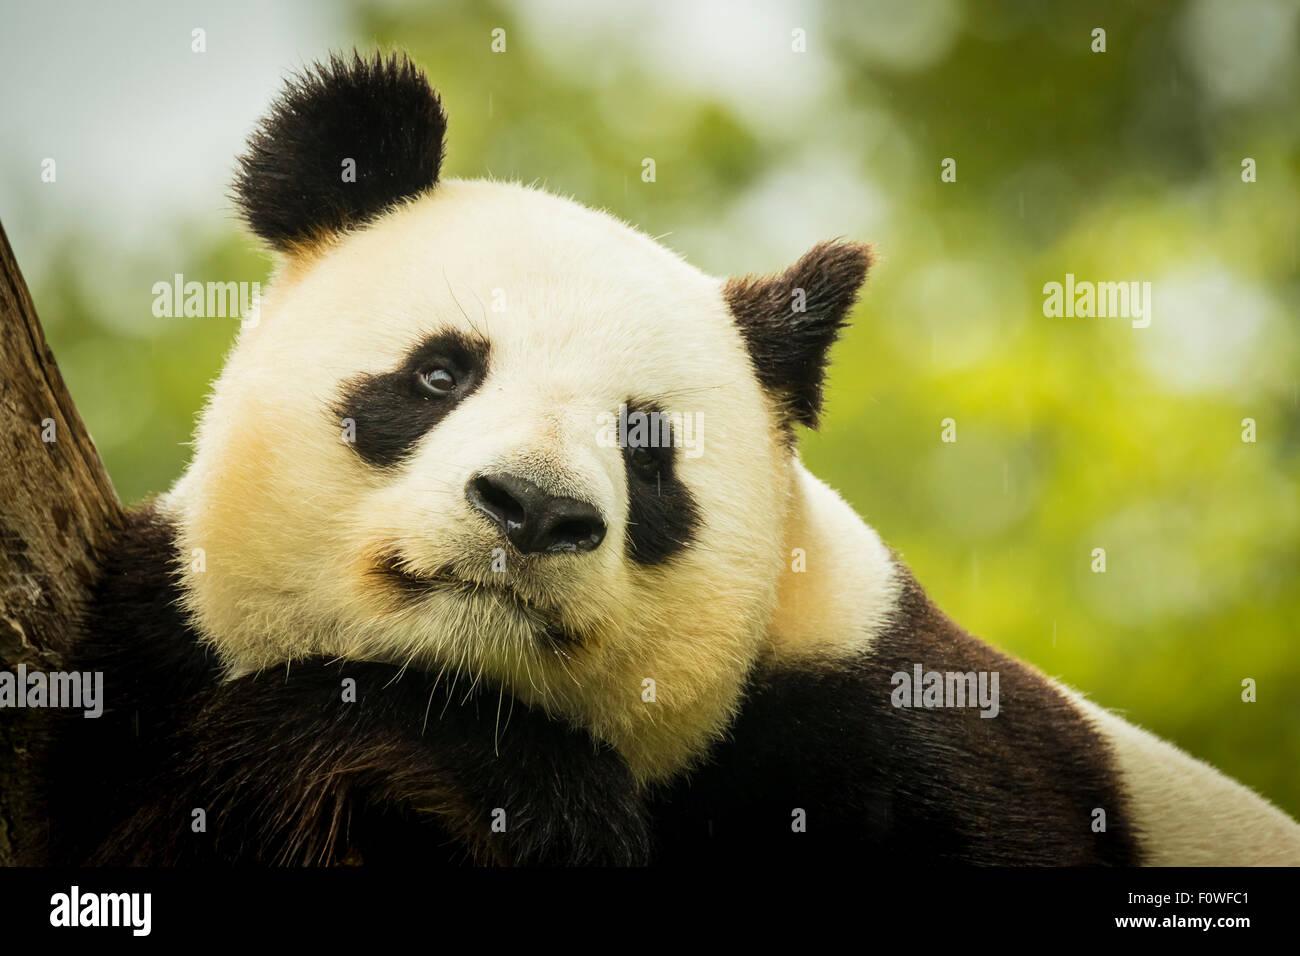 Giant Pandabär schläft während der Regen im Wald nach dem Essen Bambus Stockfoto